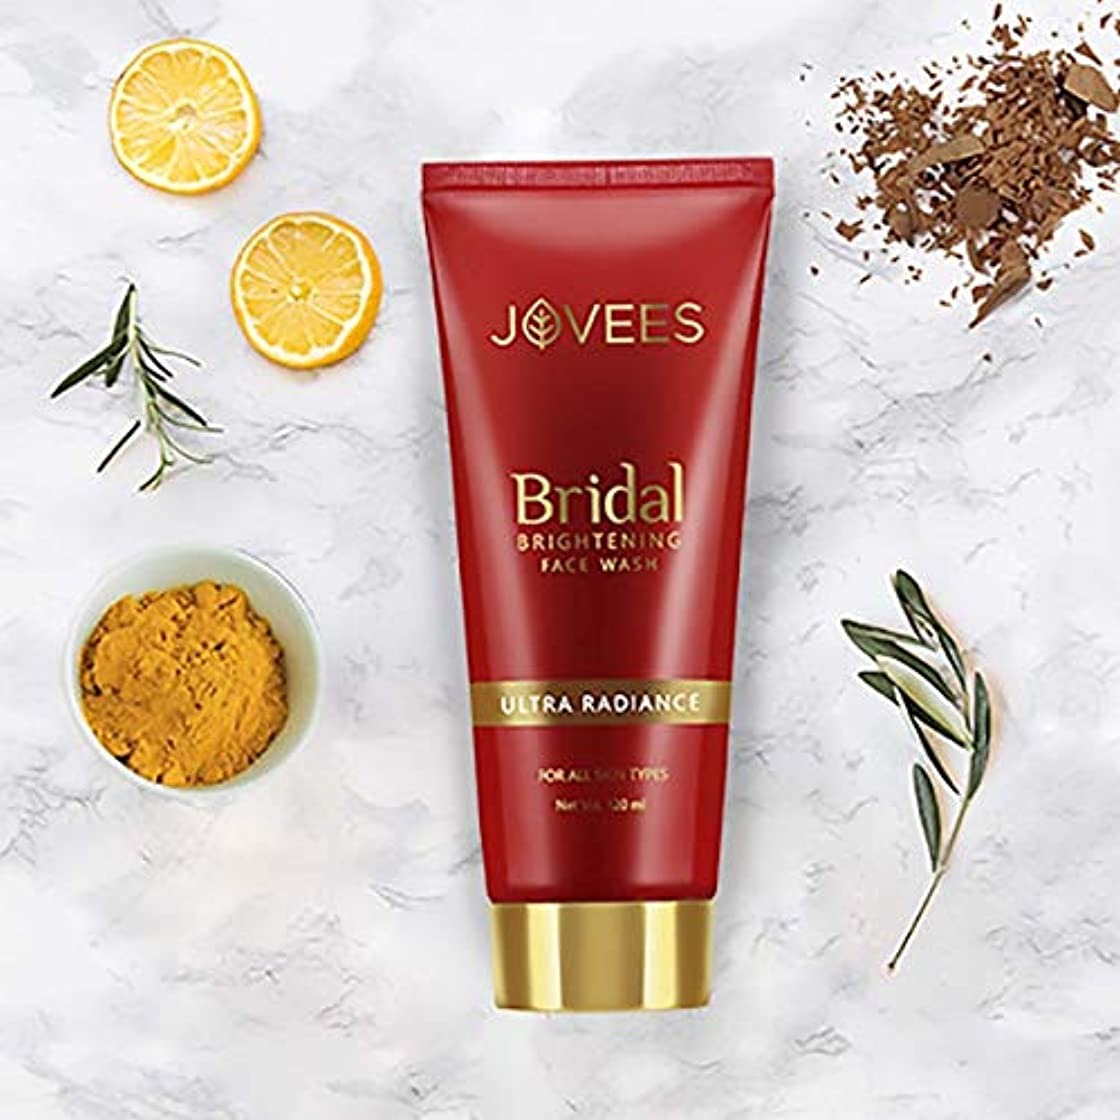 招待拍手する胴体Jovees Bridal Brightening Face Wash 120ml Ultra Radiance Even & brighter complex